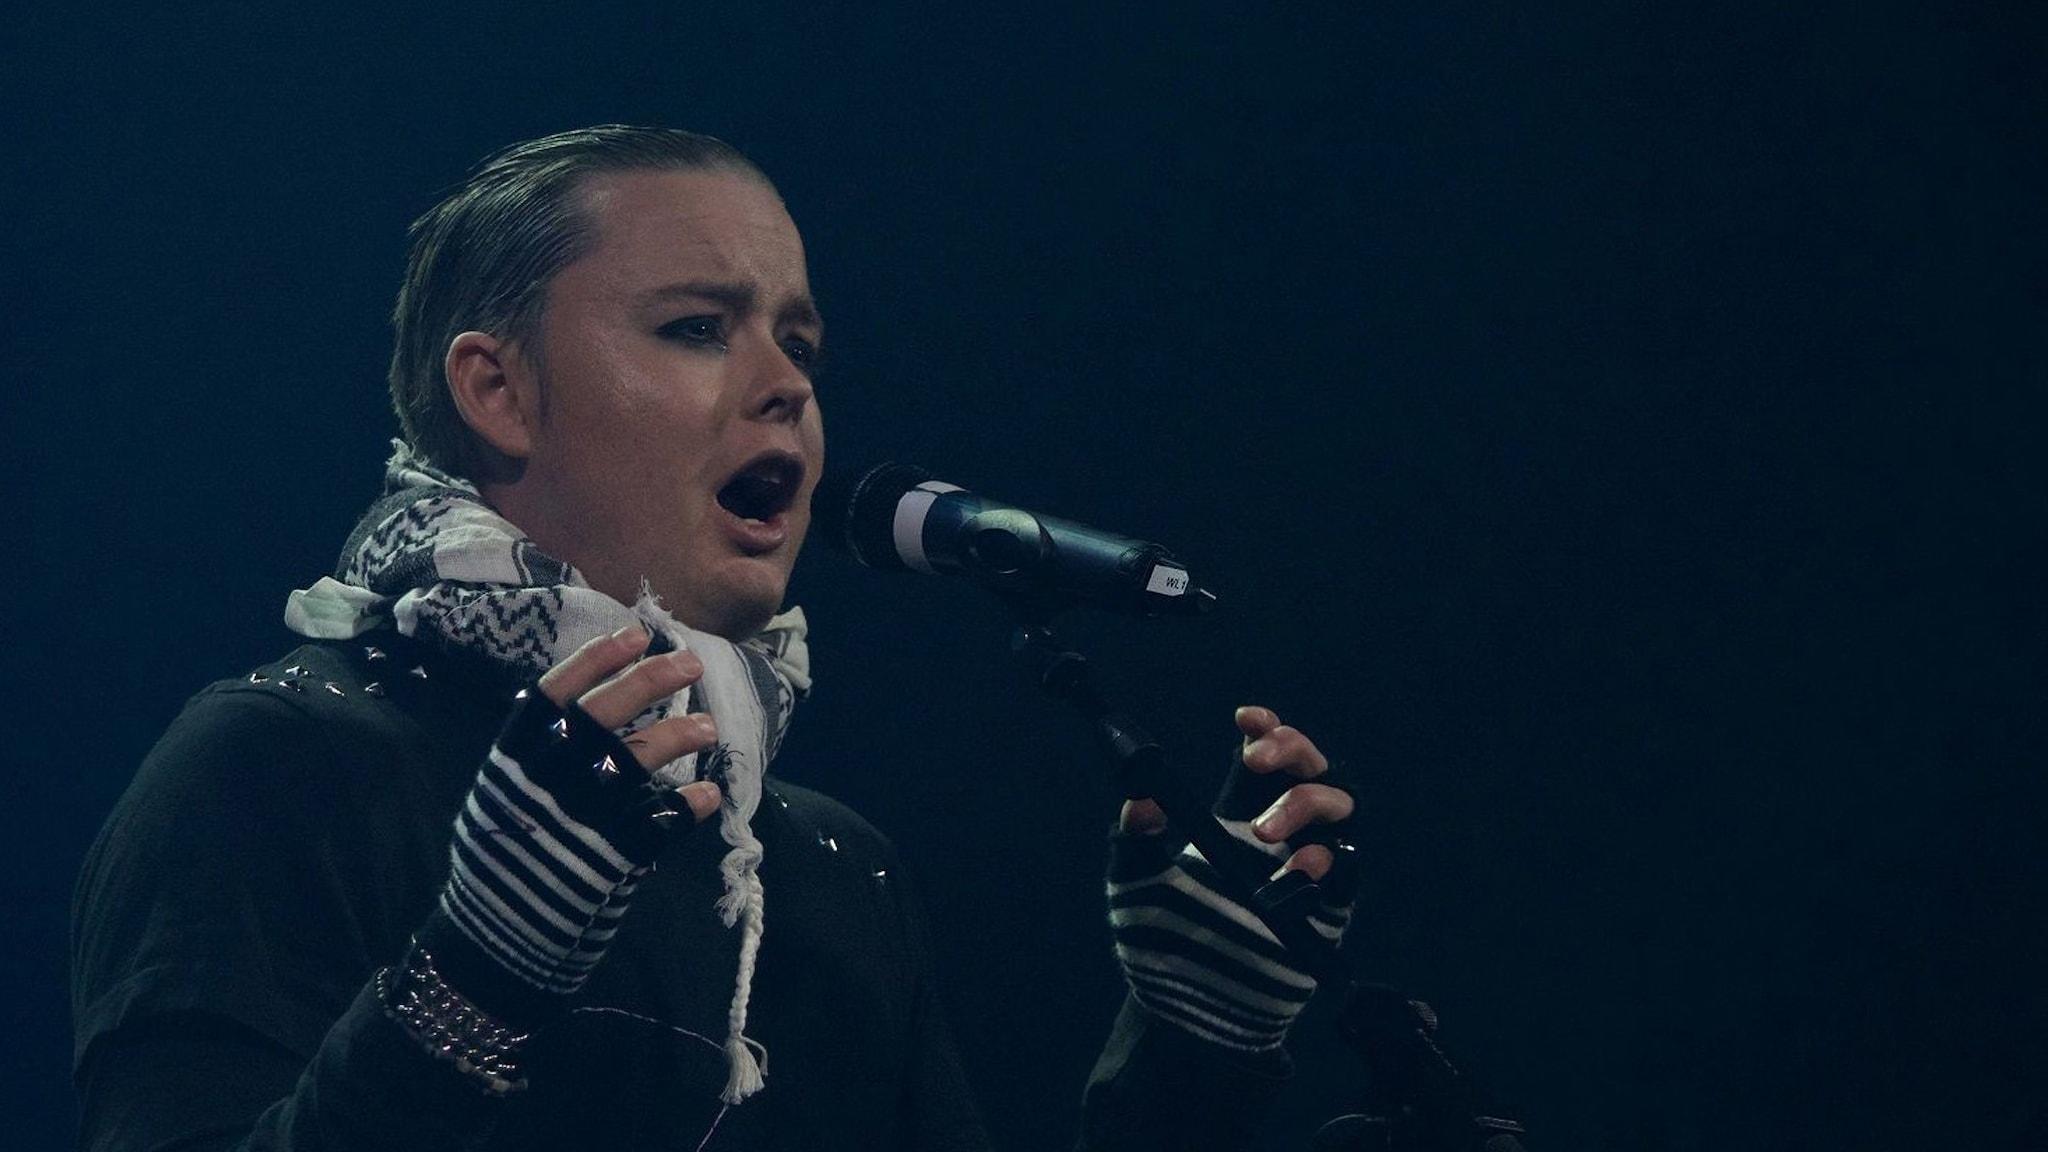 På fotot sjunger Martin Hagen. Han är svartsminkad runt ögonen och han har på sig svarta kläder med nitar.